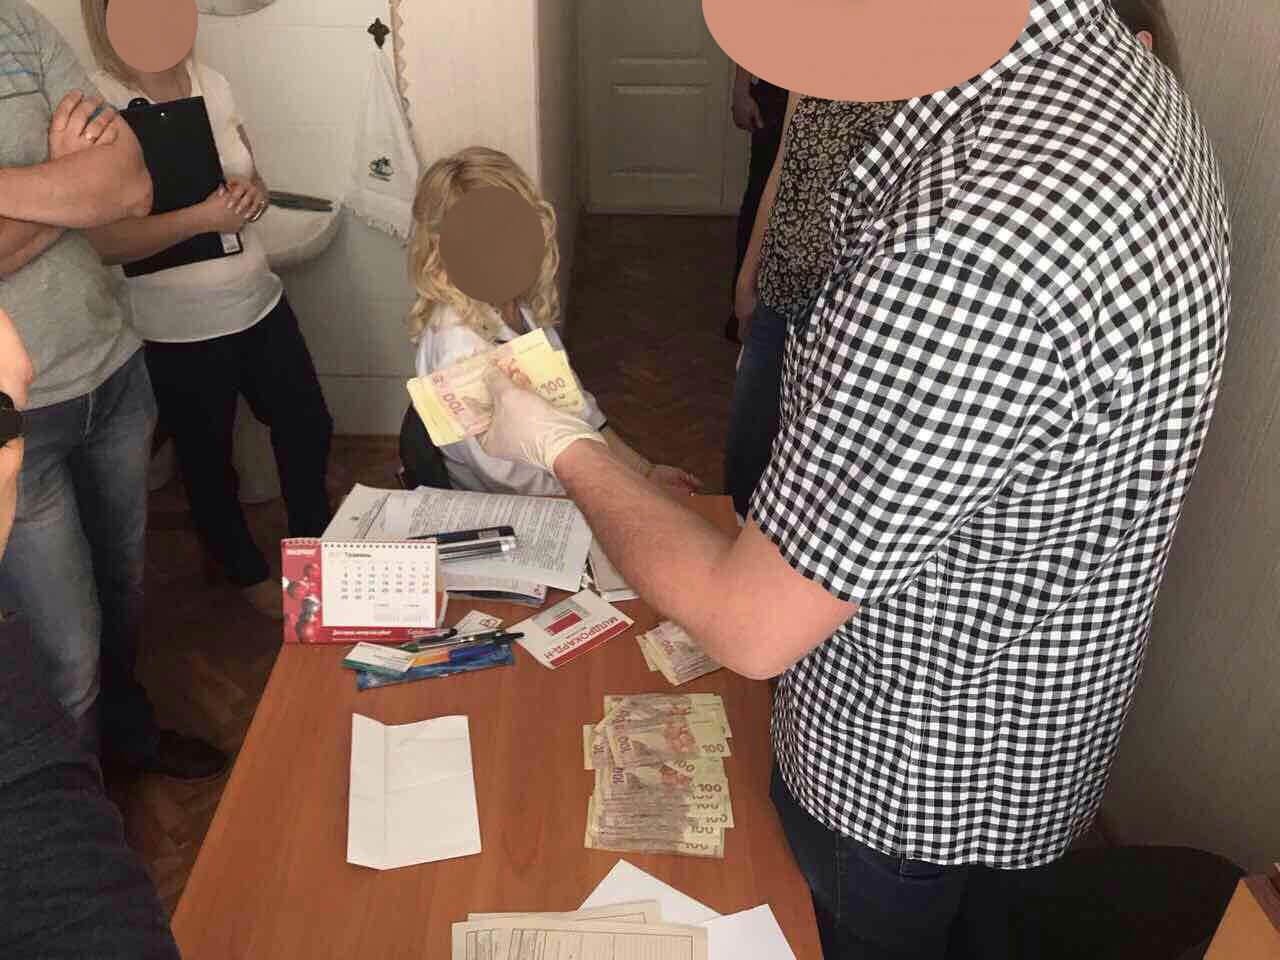 До суду скеровано обвинувальний акт стосовно завідувача відділення Черкаської обласної лікарні, яка вимагала хабар у розмірі 10 000 грн.